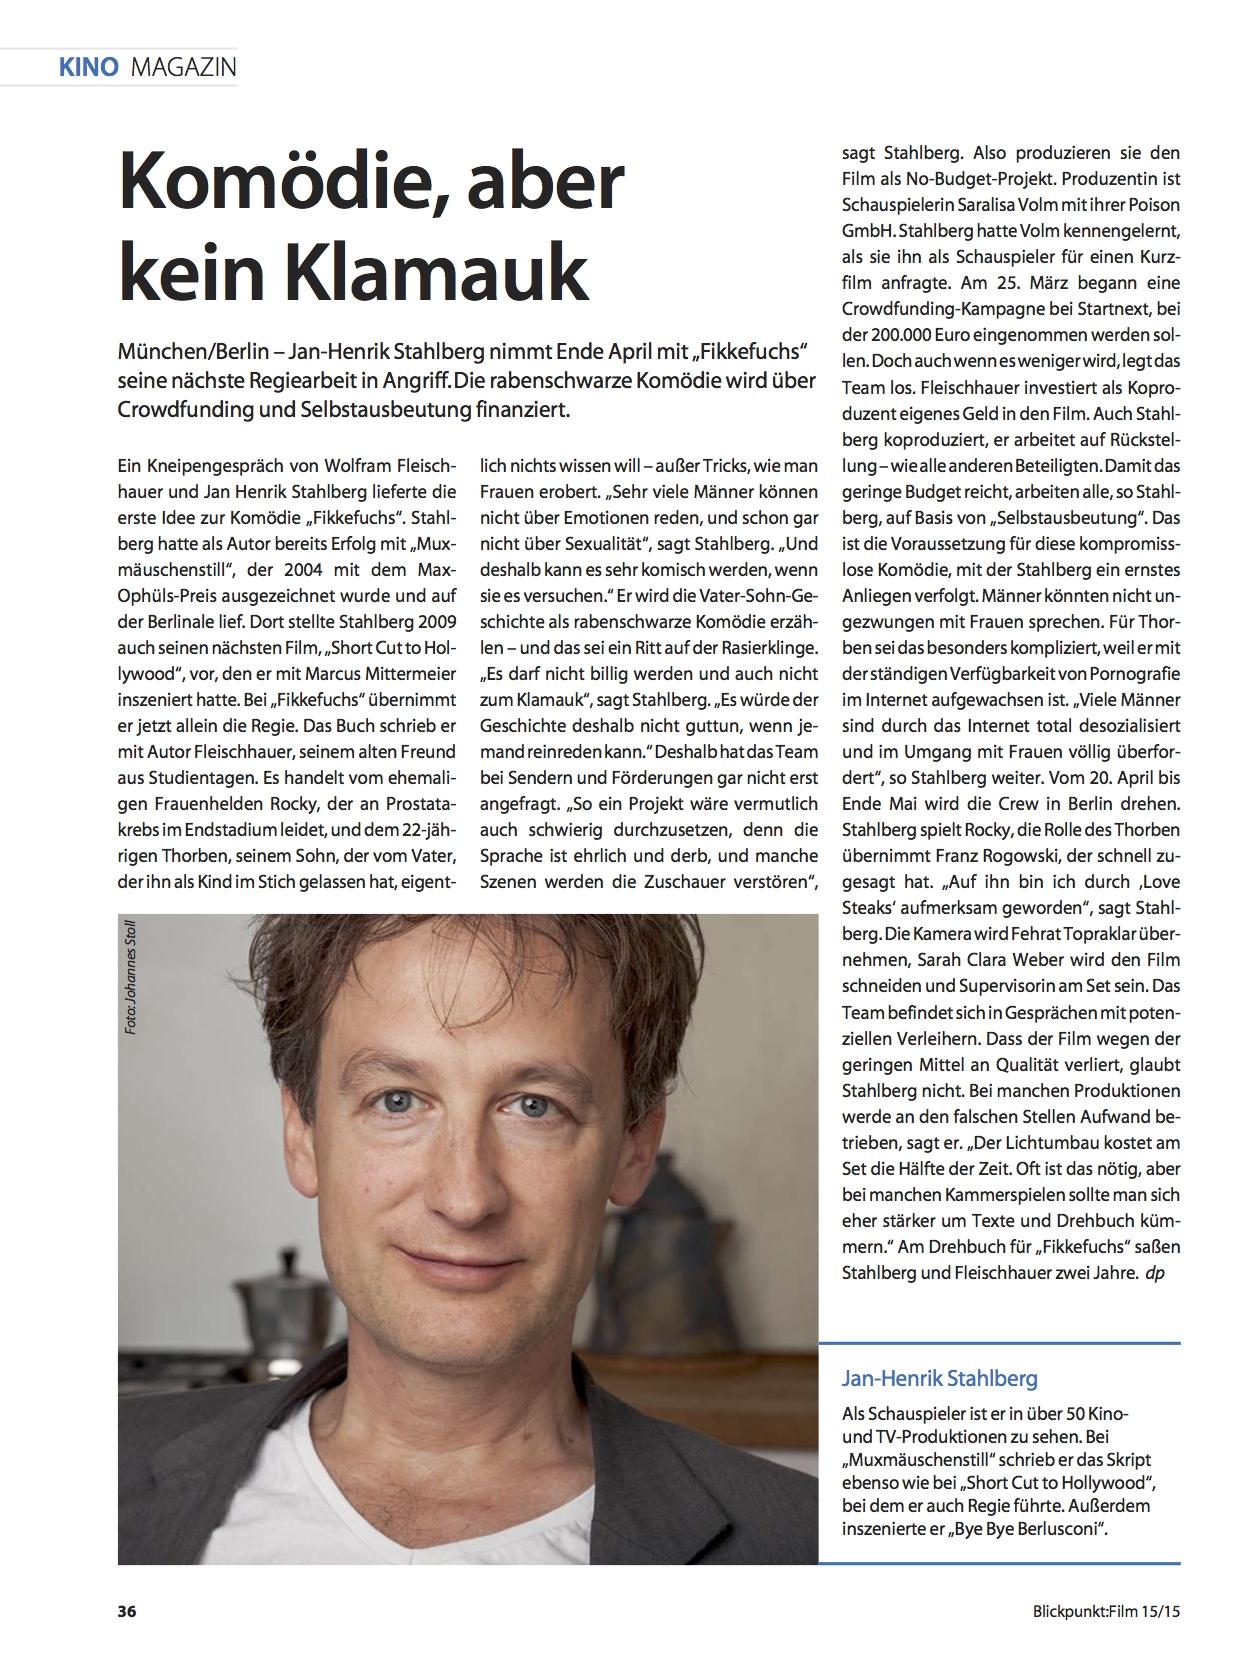 Blickpunkt Film-Jan Henrik Stahlberg